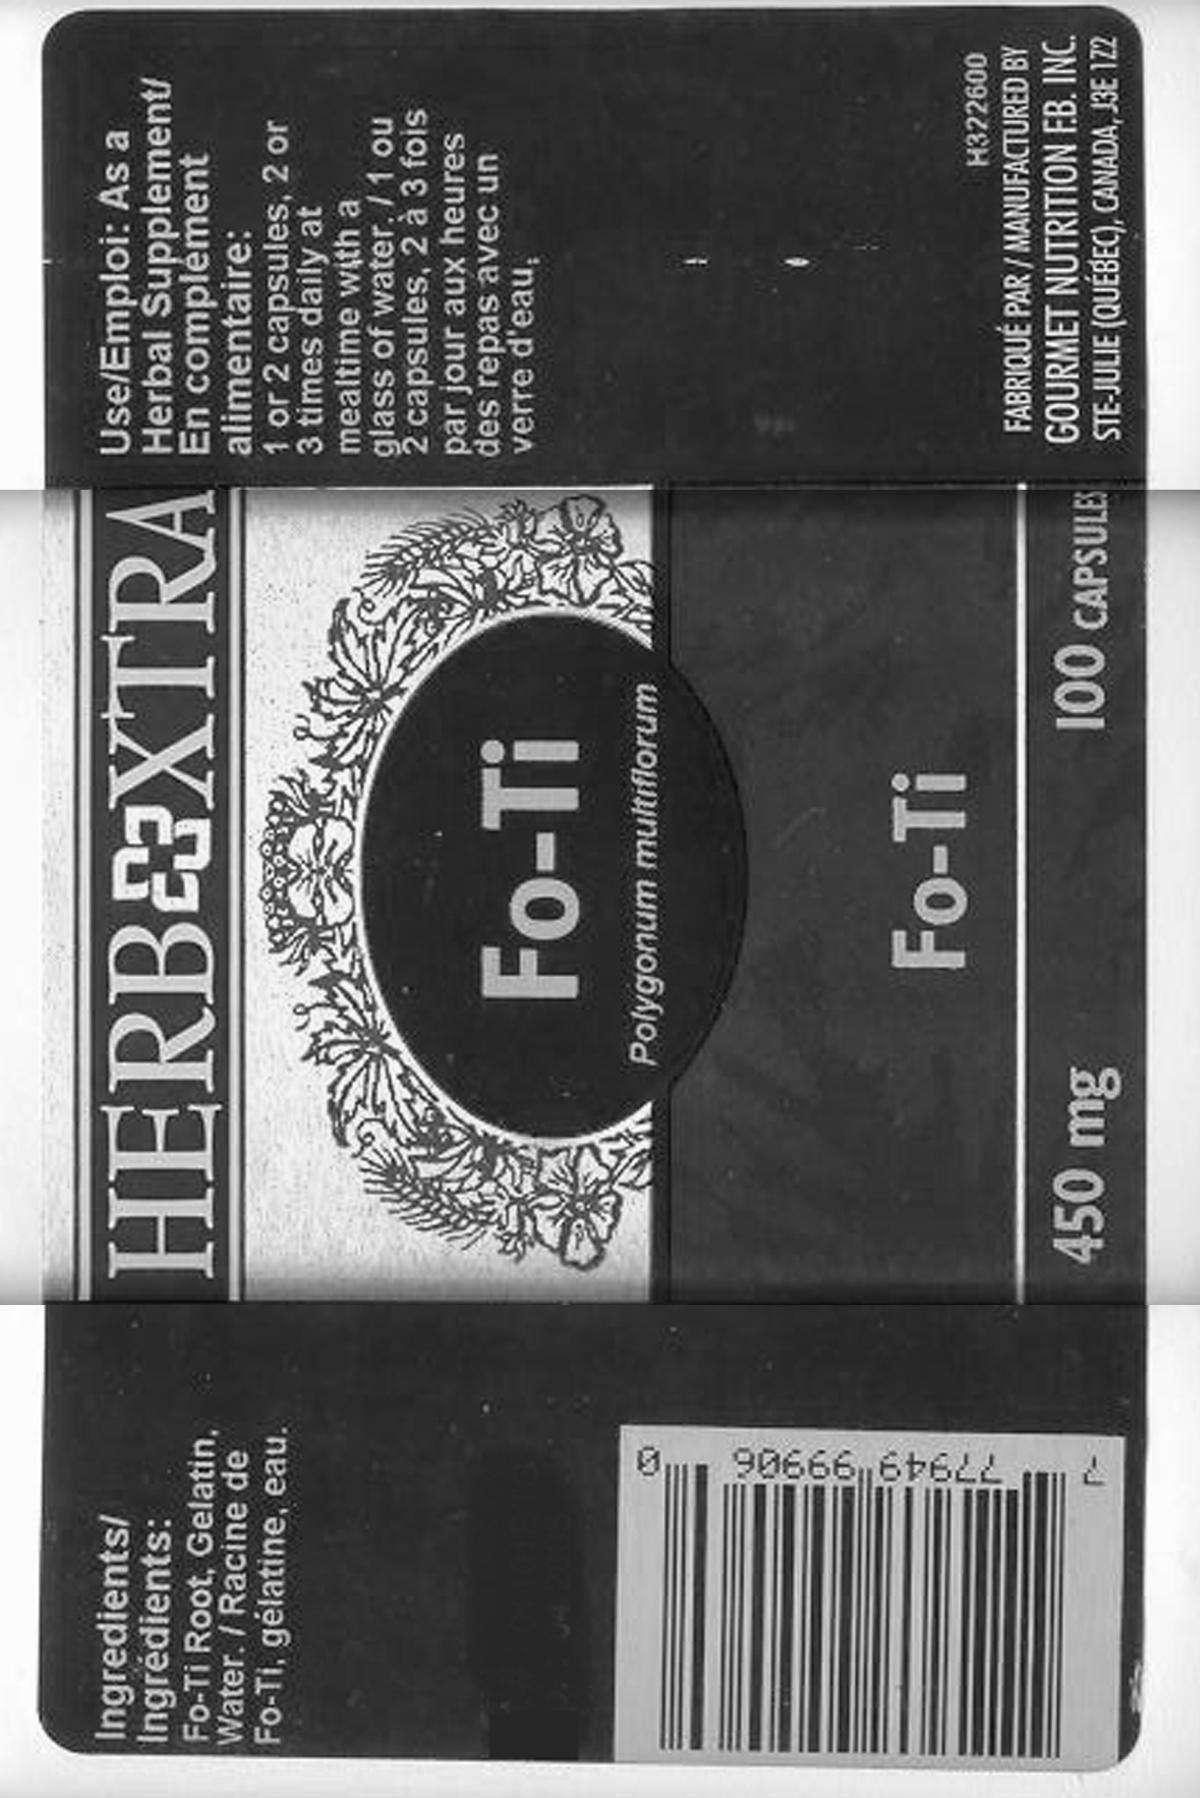 Fo-Ti Tieng (Ho Shou Wu) 450 mg - Label